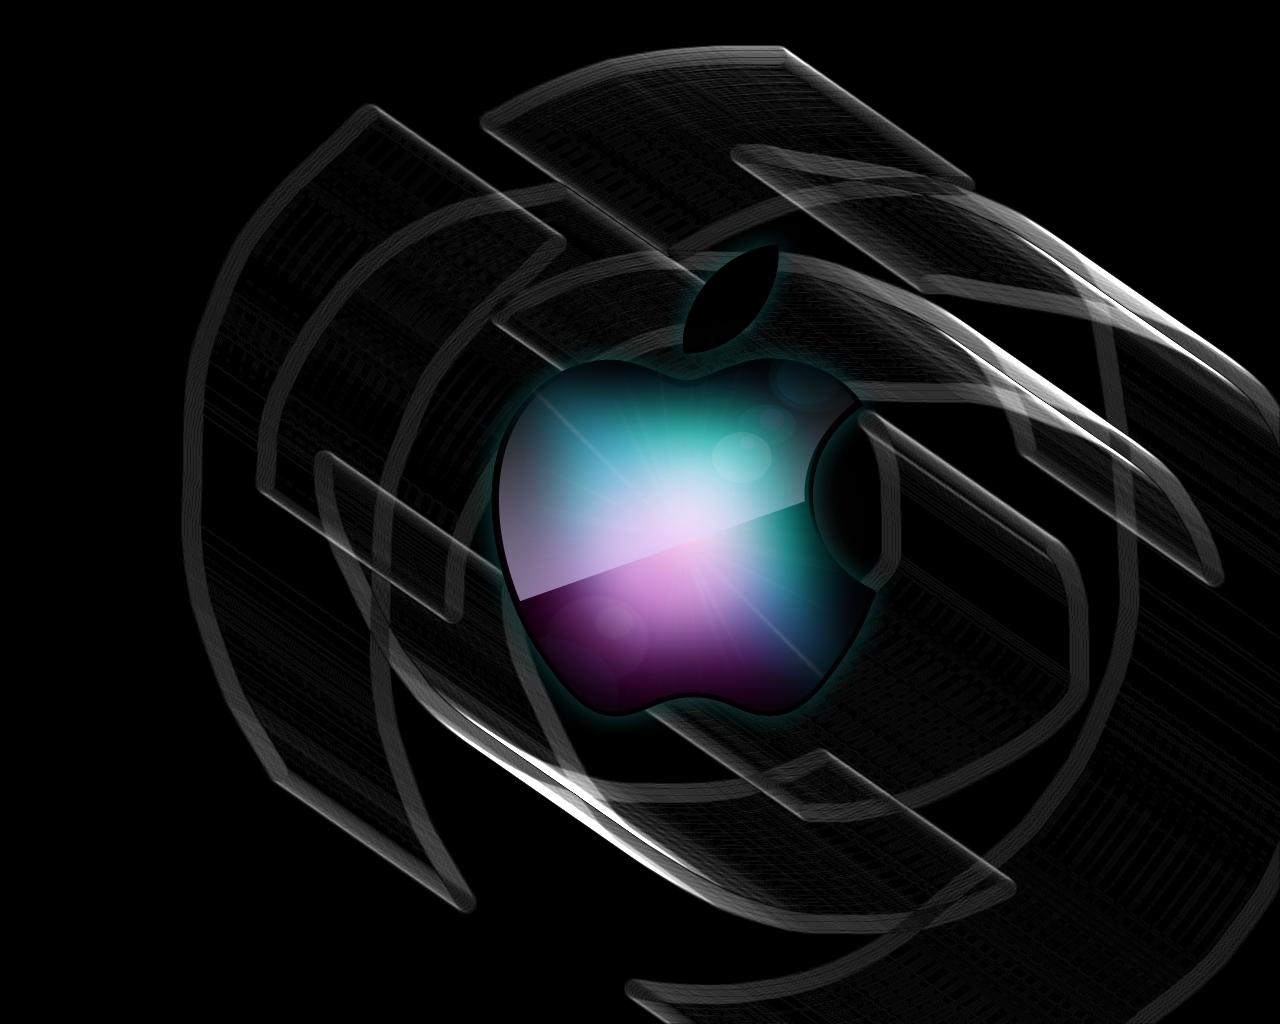 Mac background 1 - Shards